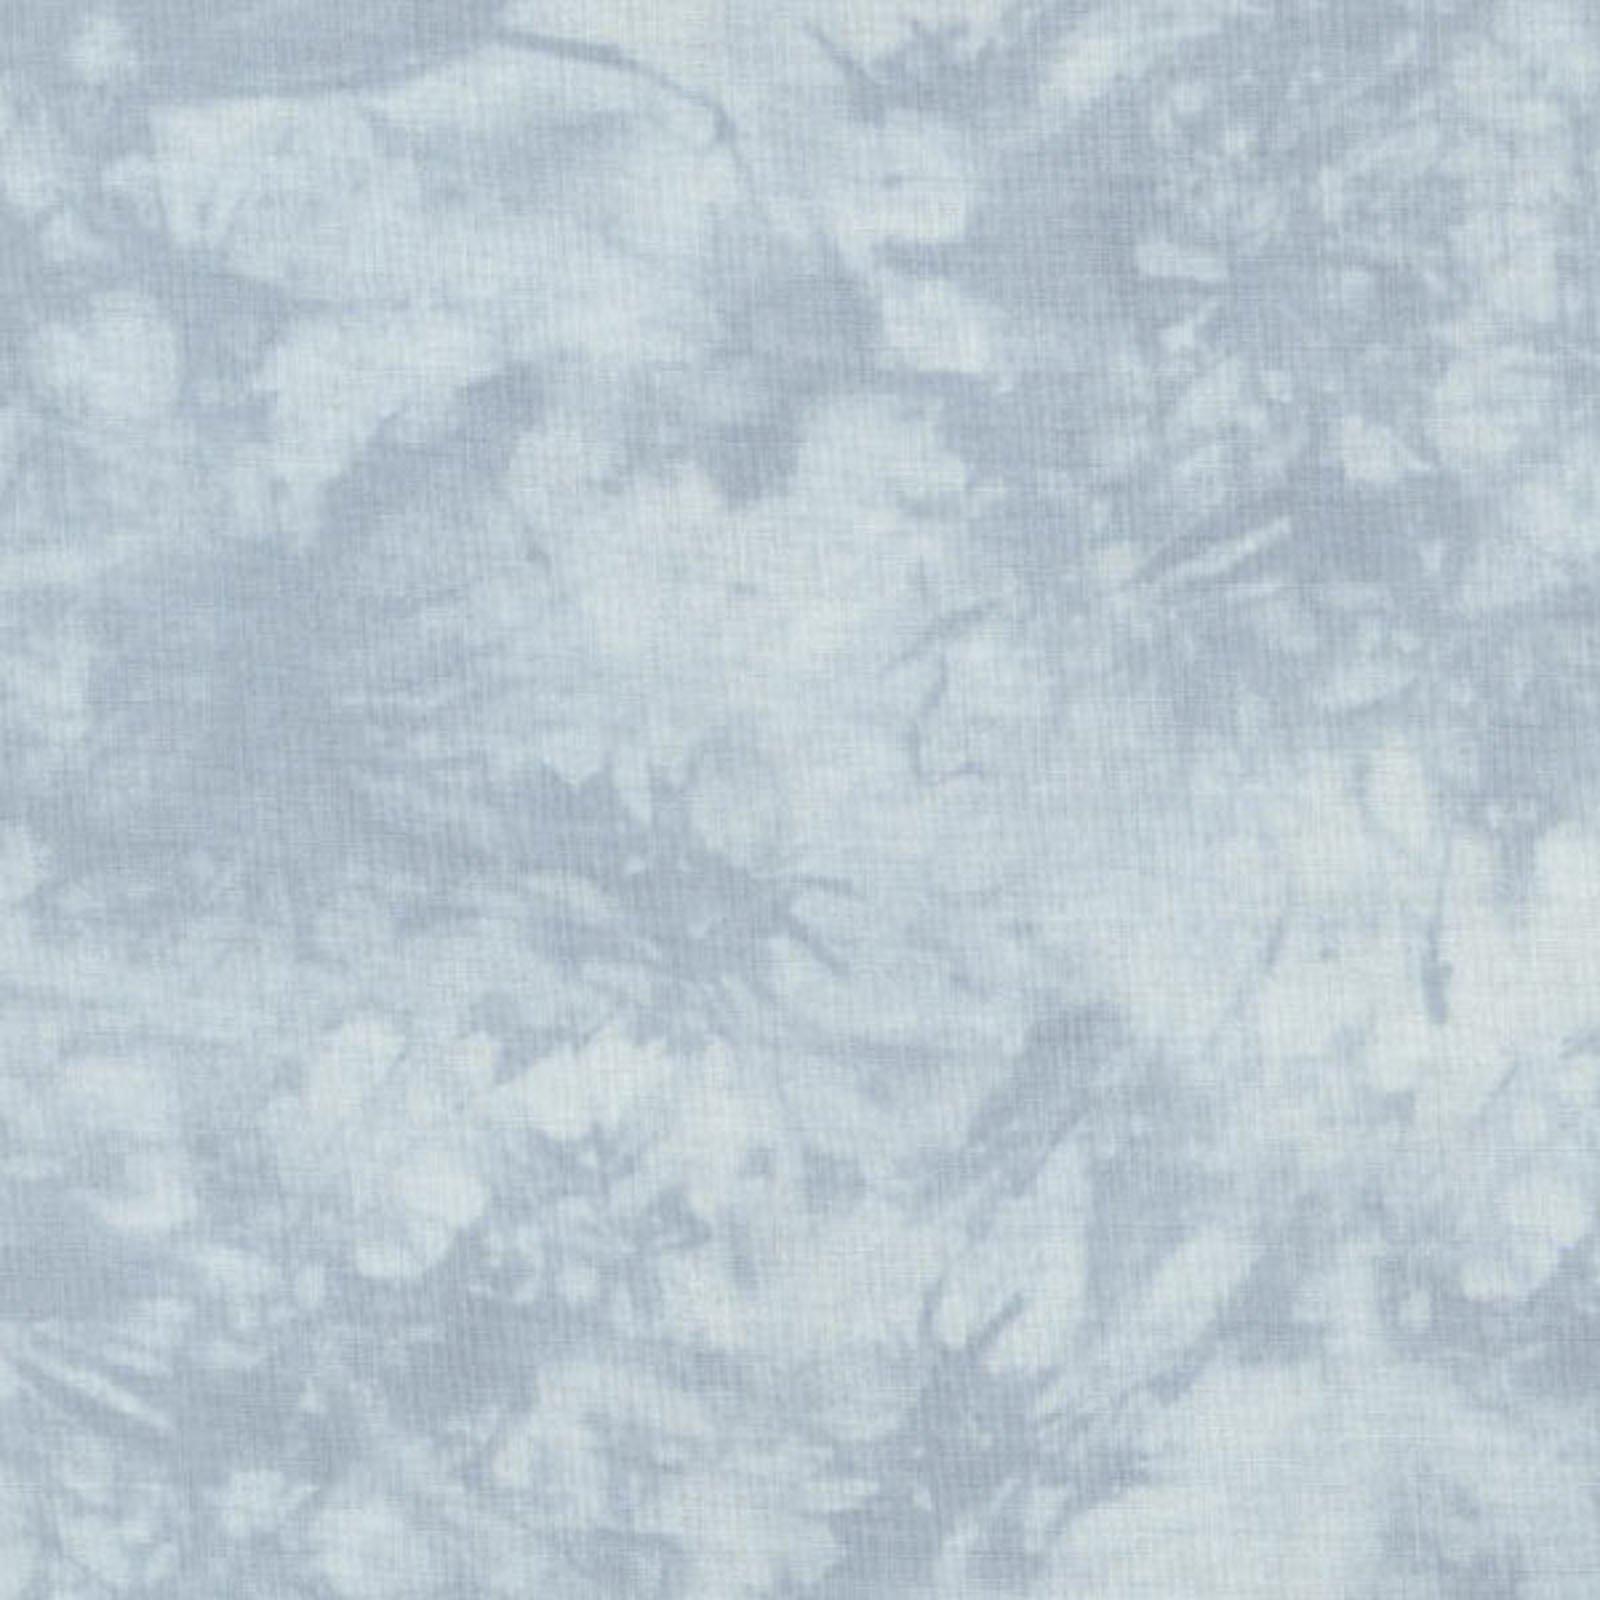 Handspray - Gray<br/>RJR Fabrics 4758-24